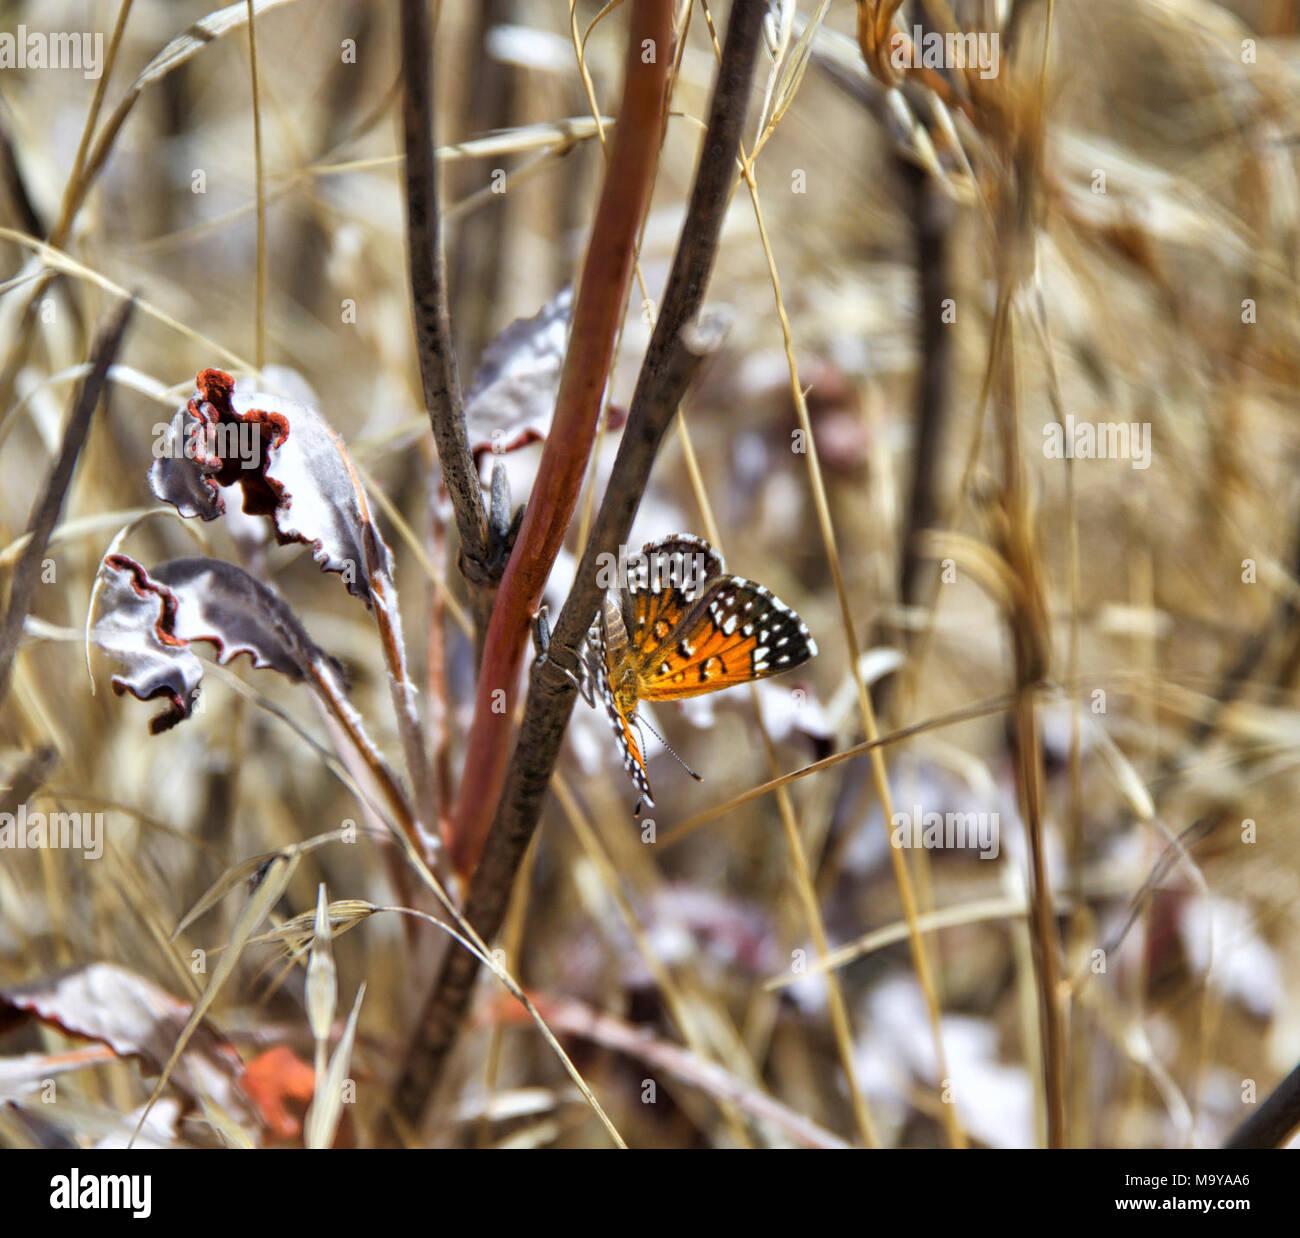 Lange's metalmark Butterfly. Antioquía Dunas de Arena, el 30 de agosto, 2016 clasificada como En Peligro en virtud de la Ley de Especies en Peligro de Extinción, esta especie está en peligro de extinción en todo o en una parte importante de su gama. Lange's metalmark mariposa fue históricamente restringido a las dunas de arena a lo largo de la orilla sur del río Sacramento-San Joaquin, y actualmente se encuentra sólo en Antioquía dunas de arena en el Condado de Contra Costa. La mayoría de los hábitat es ahora parte de la Antioch Dunes National Wildlife Refuge (administrado por el don Edwards San Francisco Bay National Wildlife Refuge Complex). Población recientes Imagen De Stock